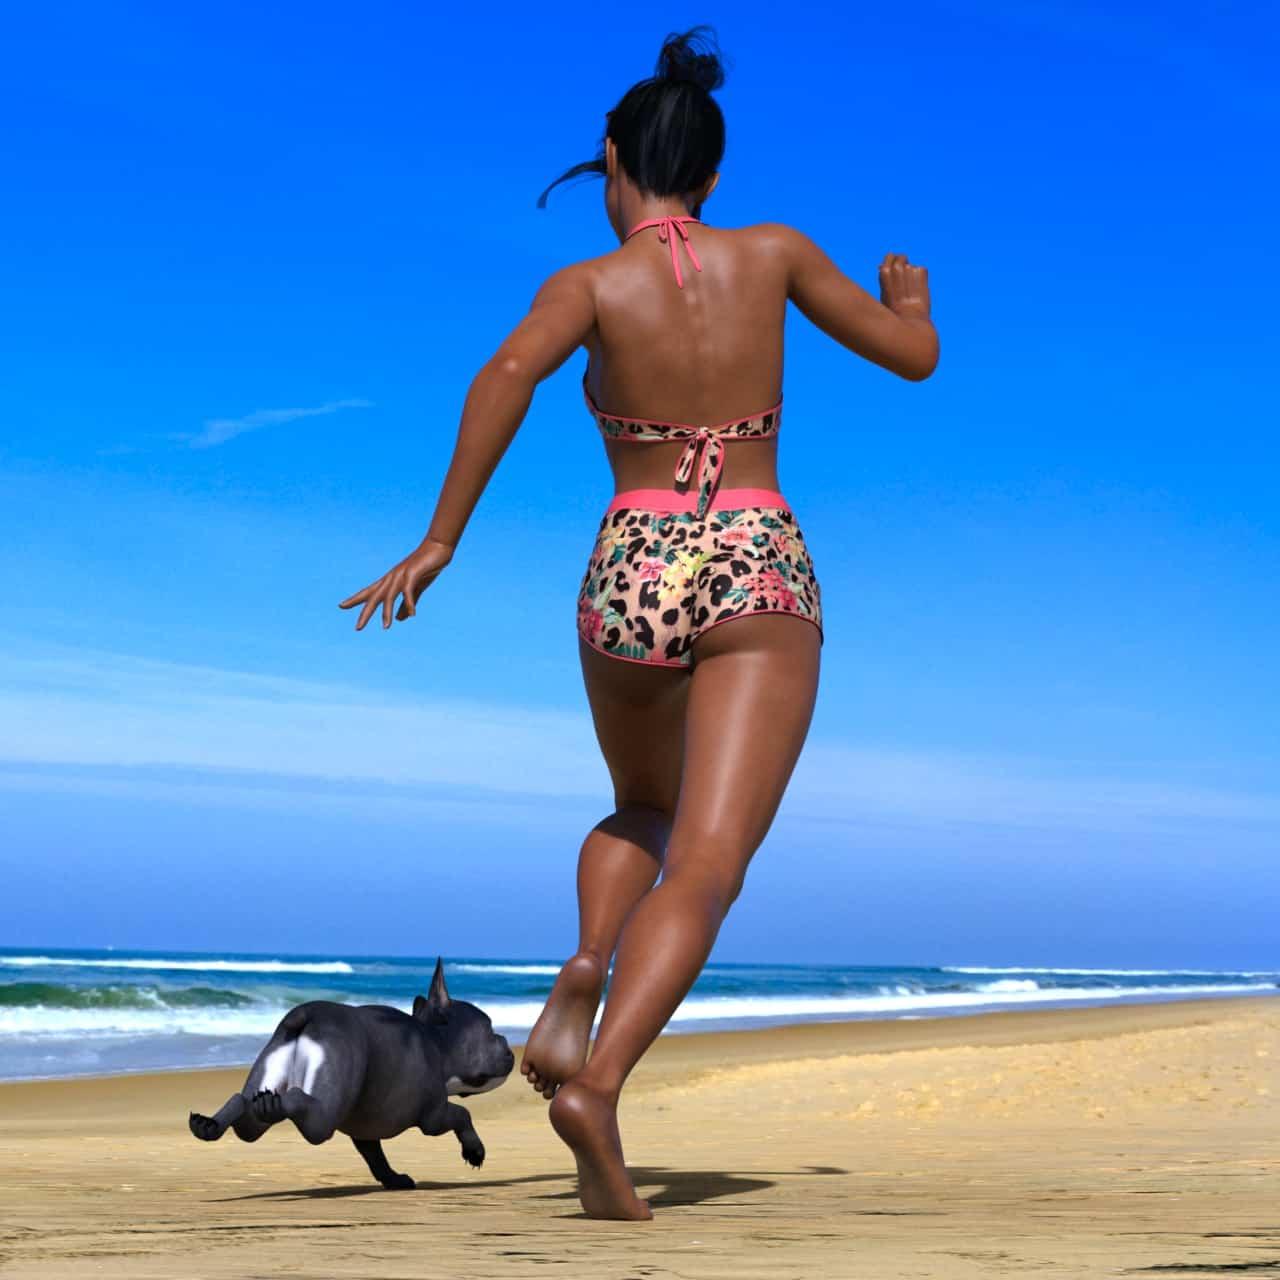 RR beach and bulldog 4 - 3D Artwork